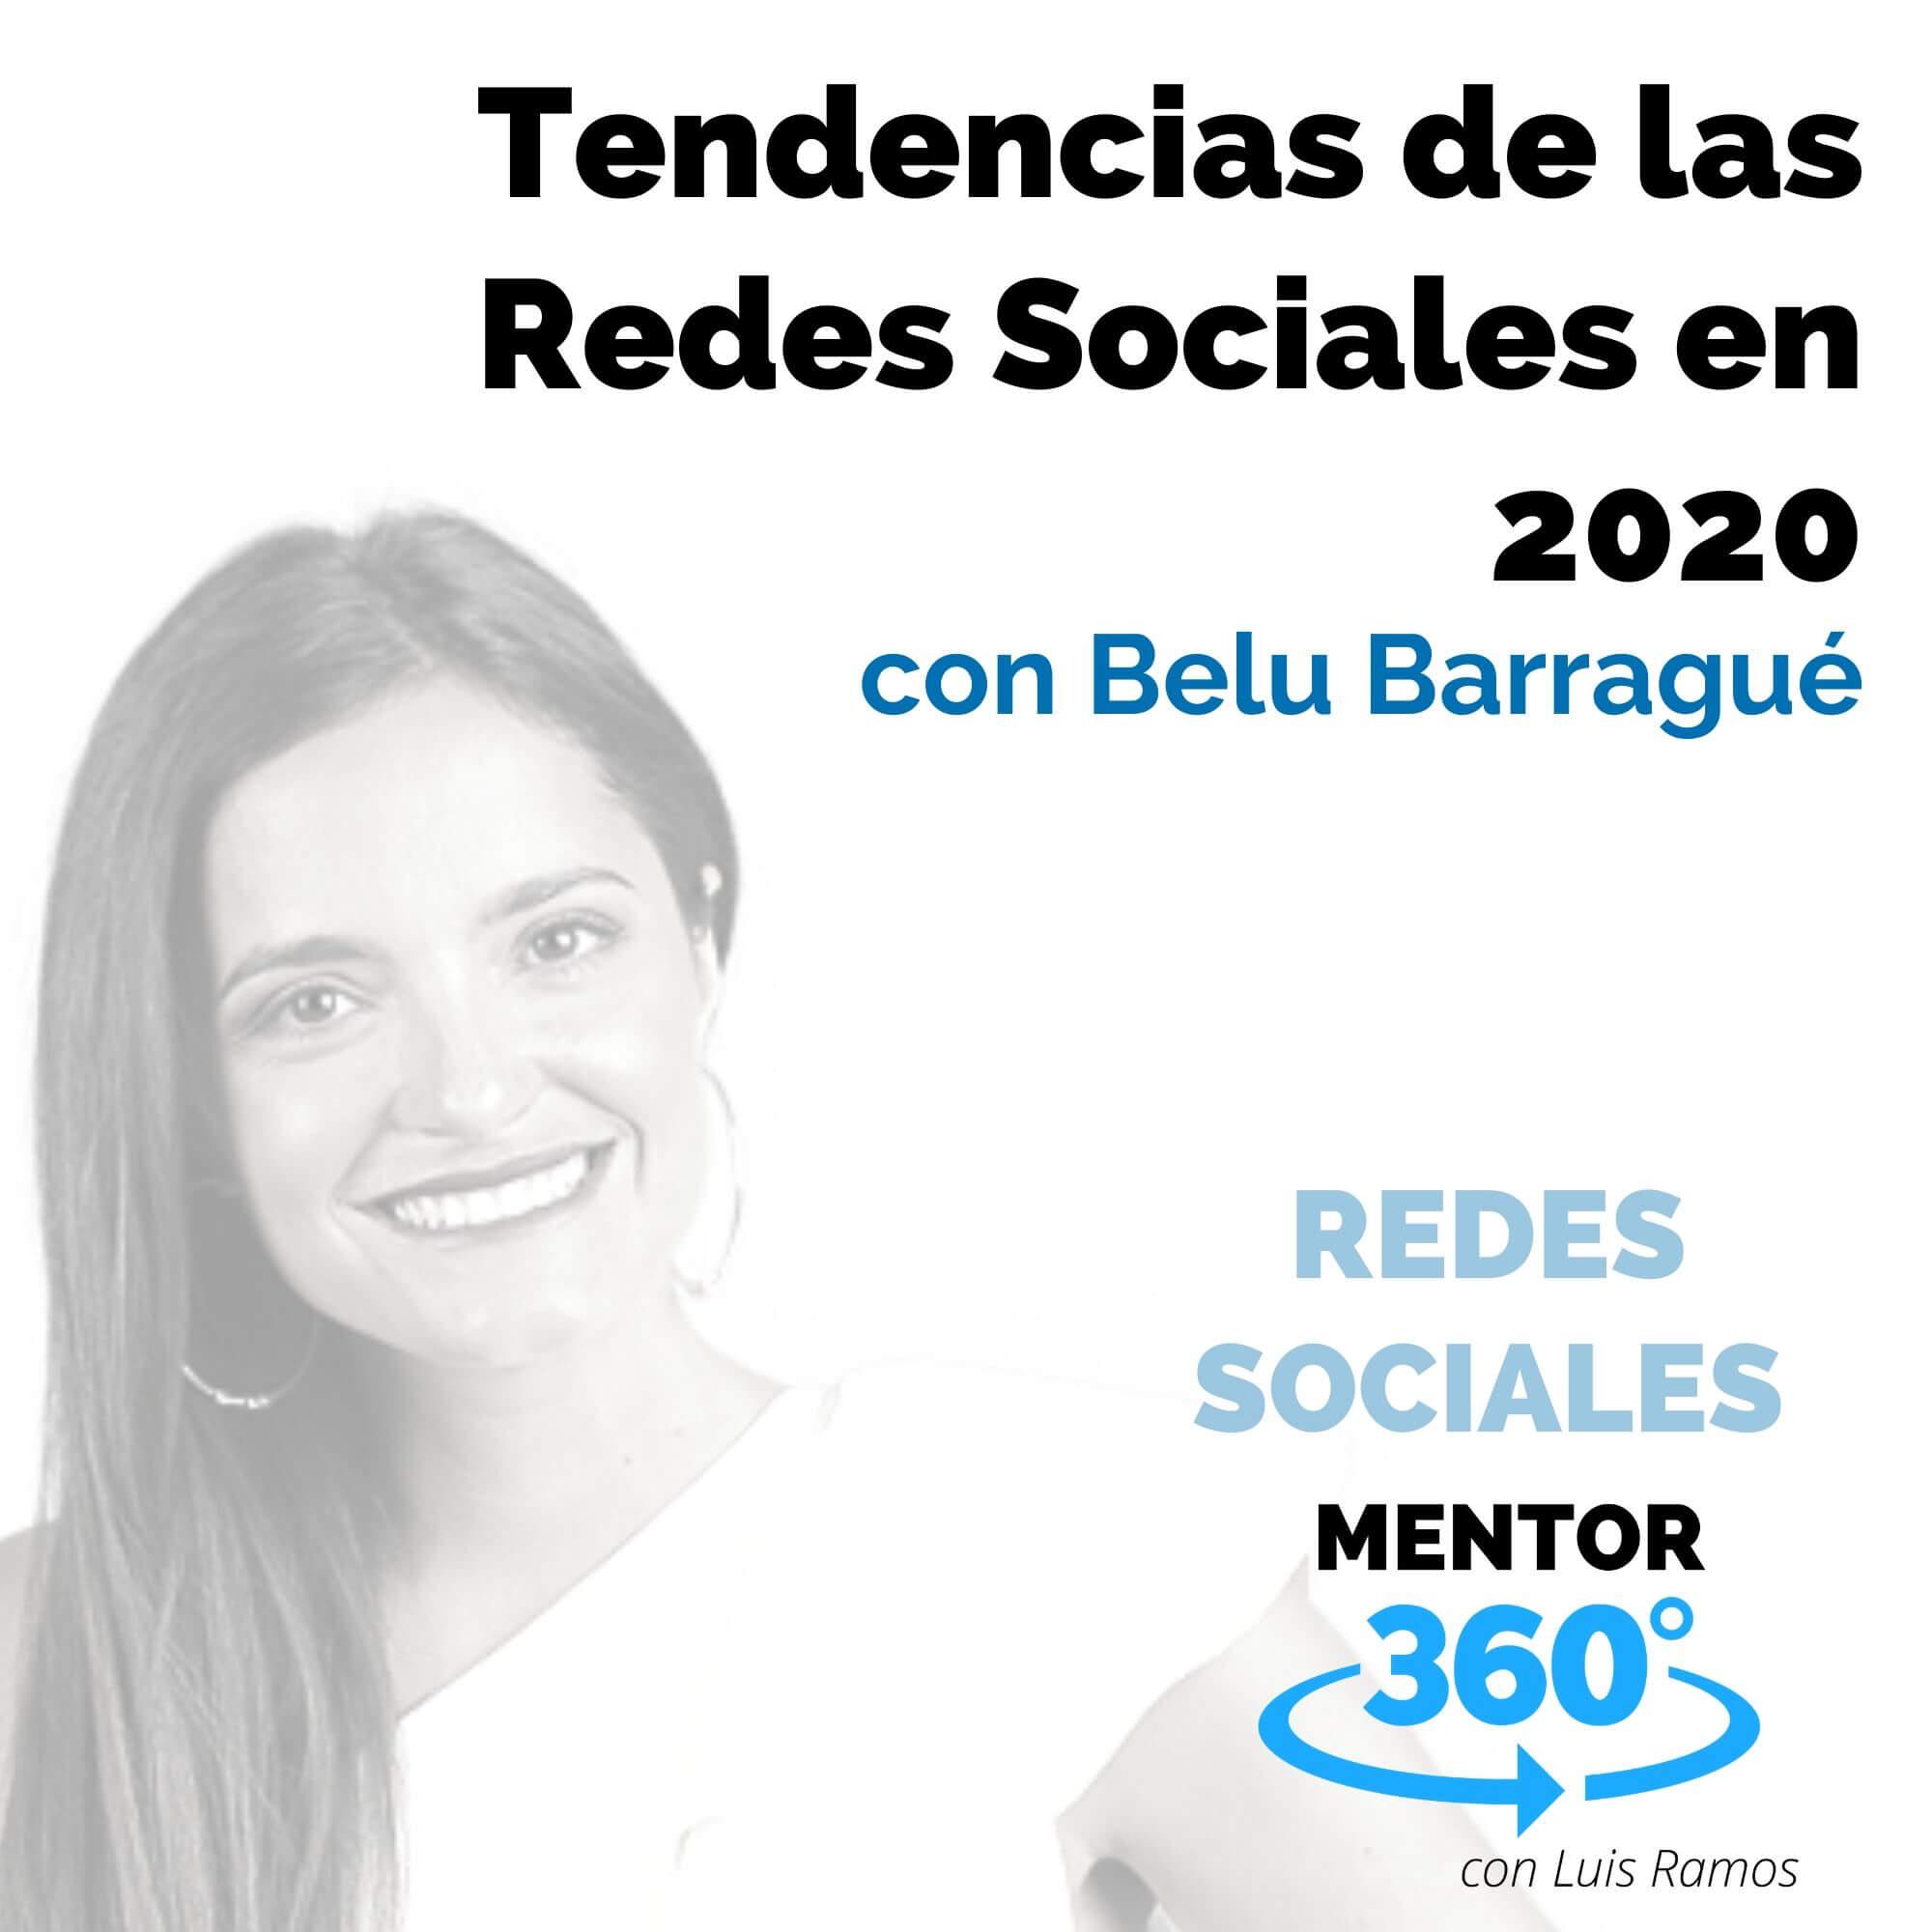 Tendencias de las Redes Sociales en 2020, con Belu Barragué - REDES SOCIALES